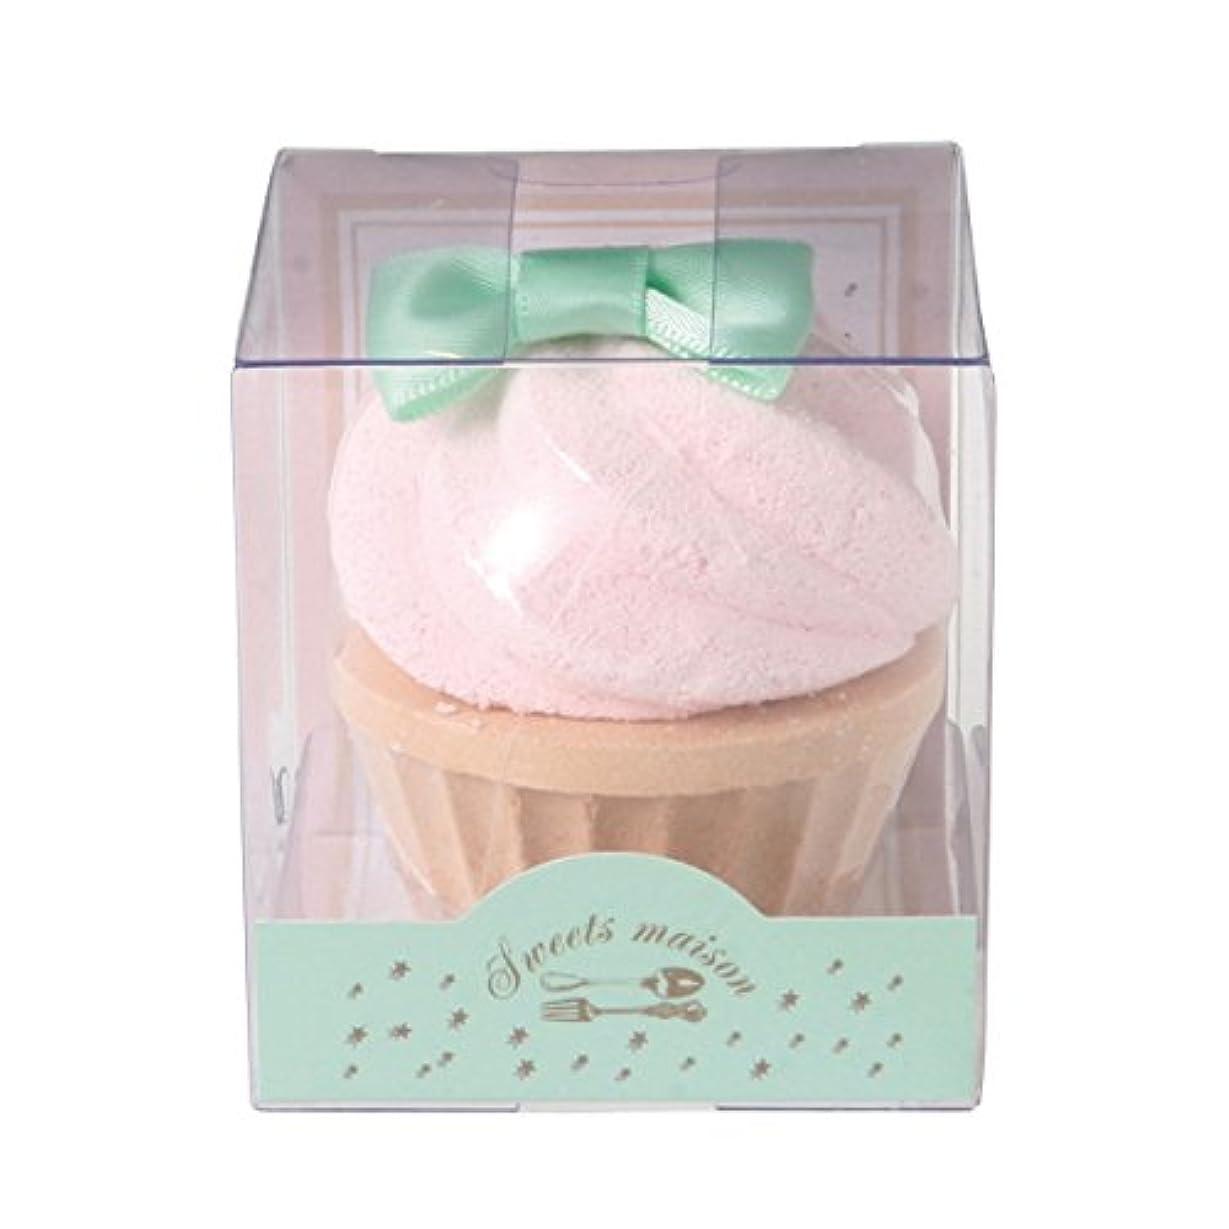 吸い込む嵐の散る(内野)UCHINO ノルコーポレーション おめかしプチカップケーキフィズ(ブーケローズの香り)